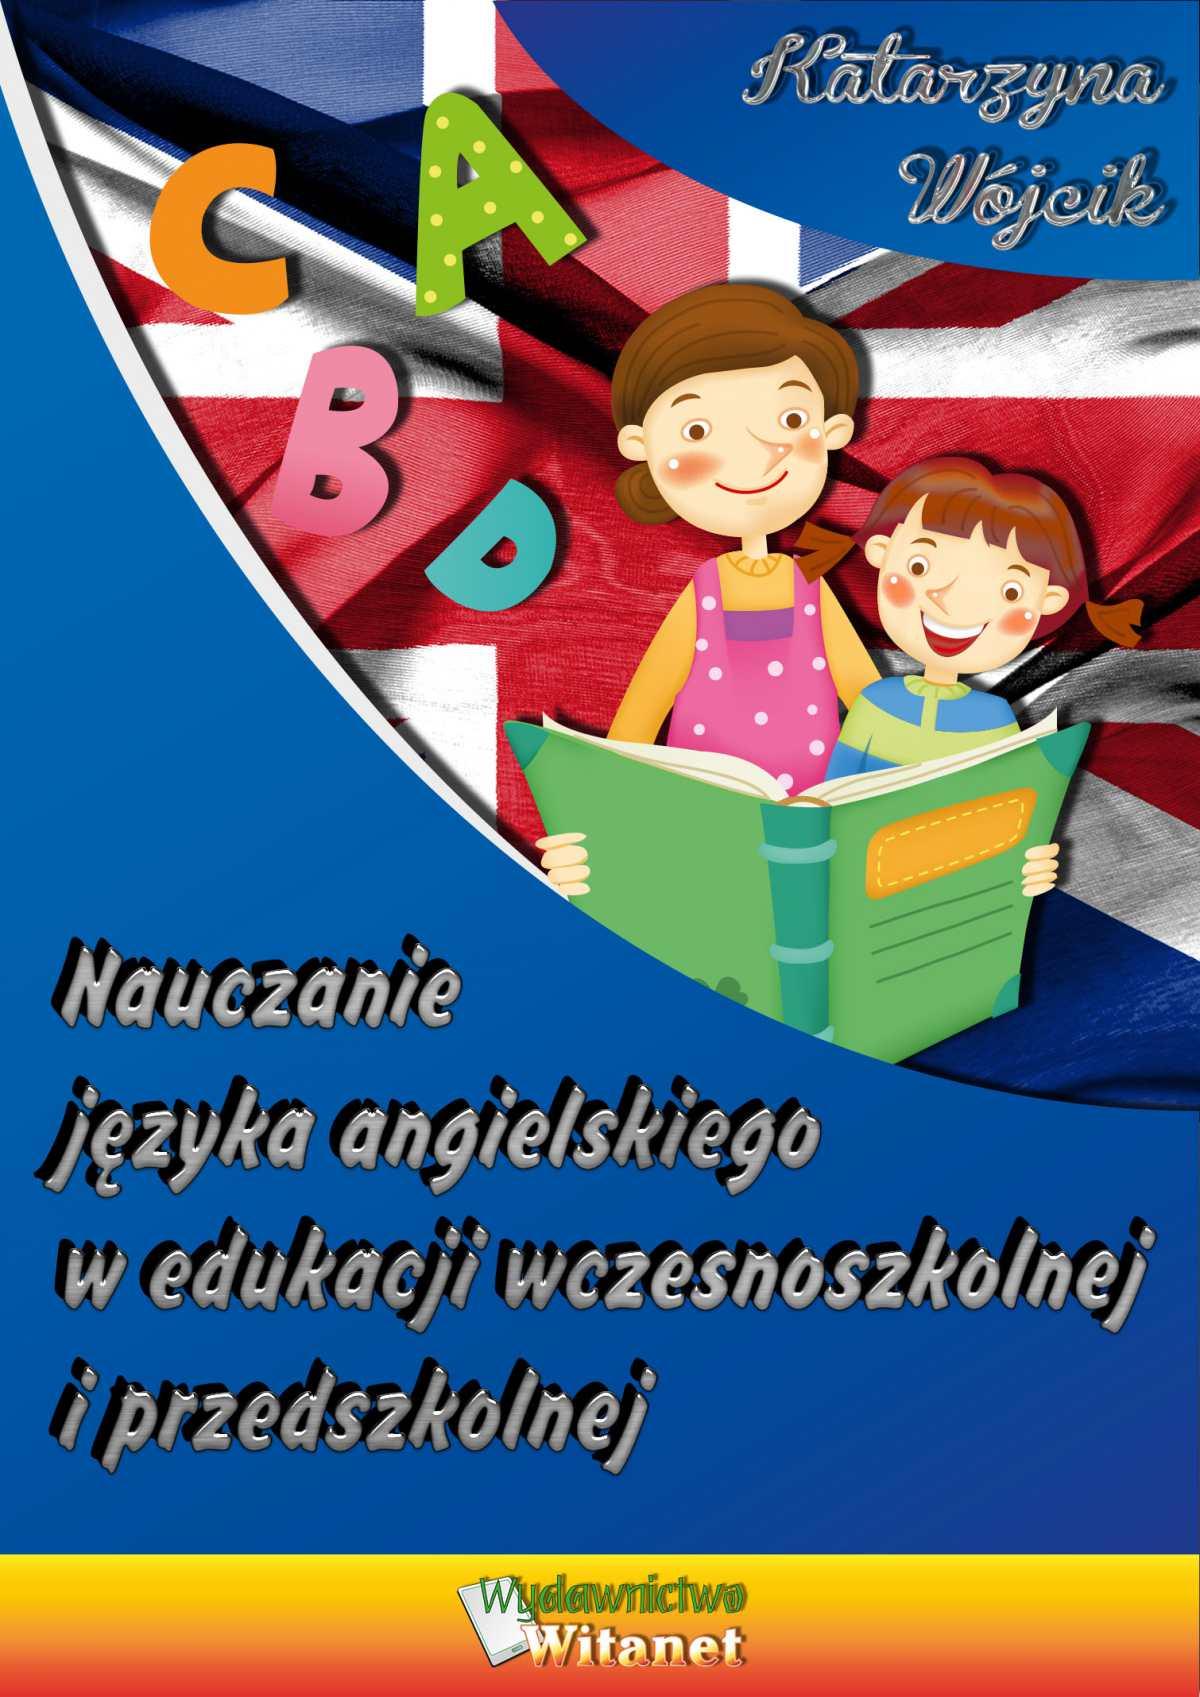 Nauczanie języka angielskiego w edukacji wczesnoszkolnej i przedszkolnej - Ebook (Książka EPUB) do pobrania w formacie EPUB